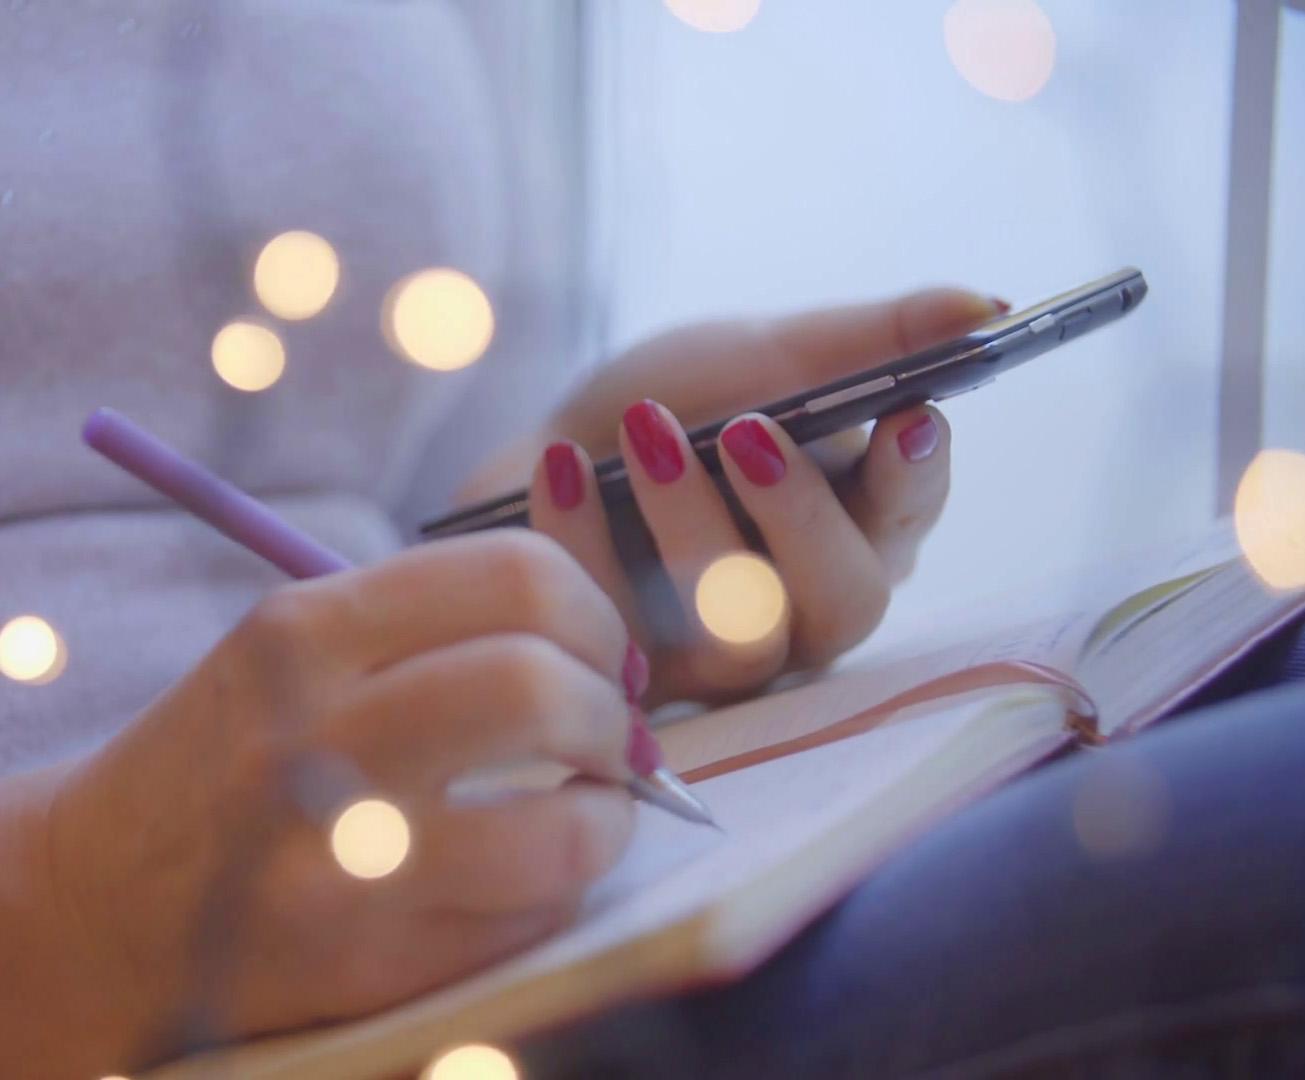 Planejarte - Domine a arte de se planejar administre melhor seu tempo e triplique sua produtividade - Planejando